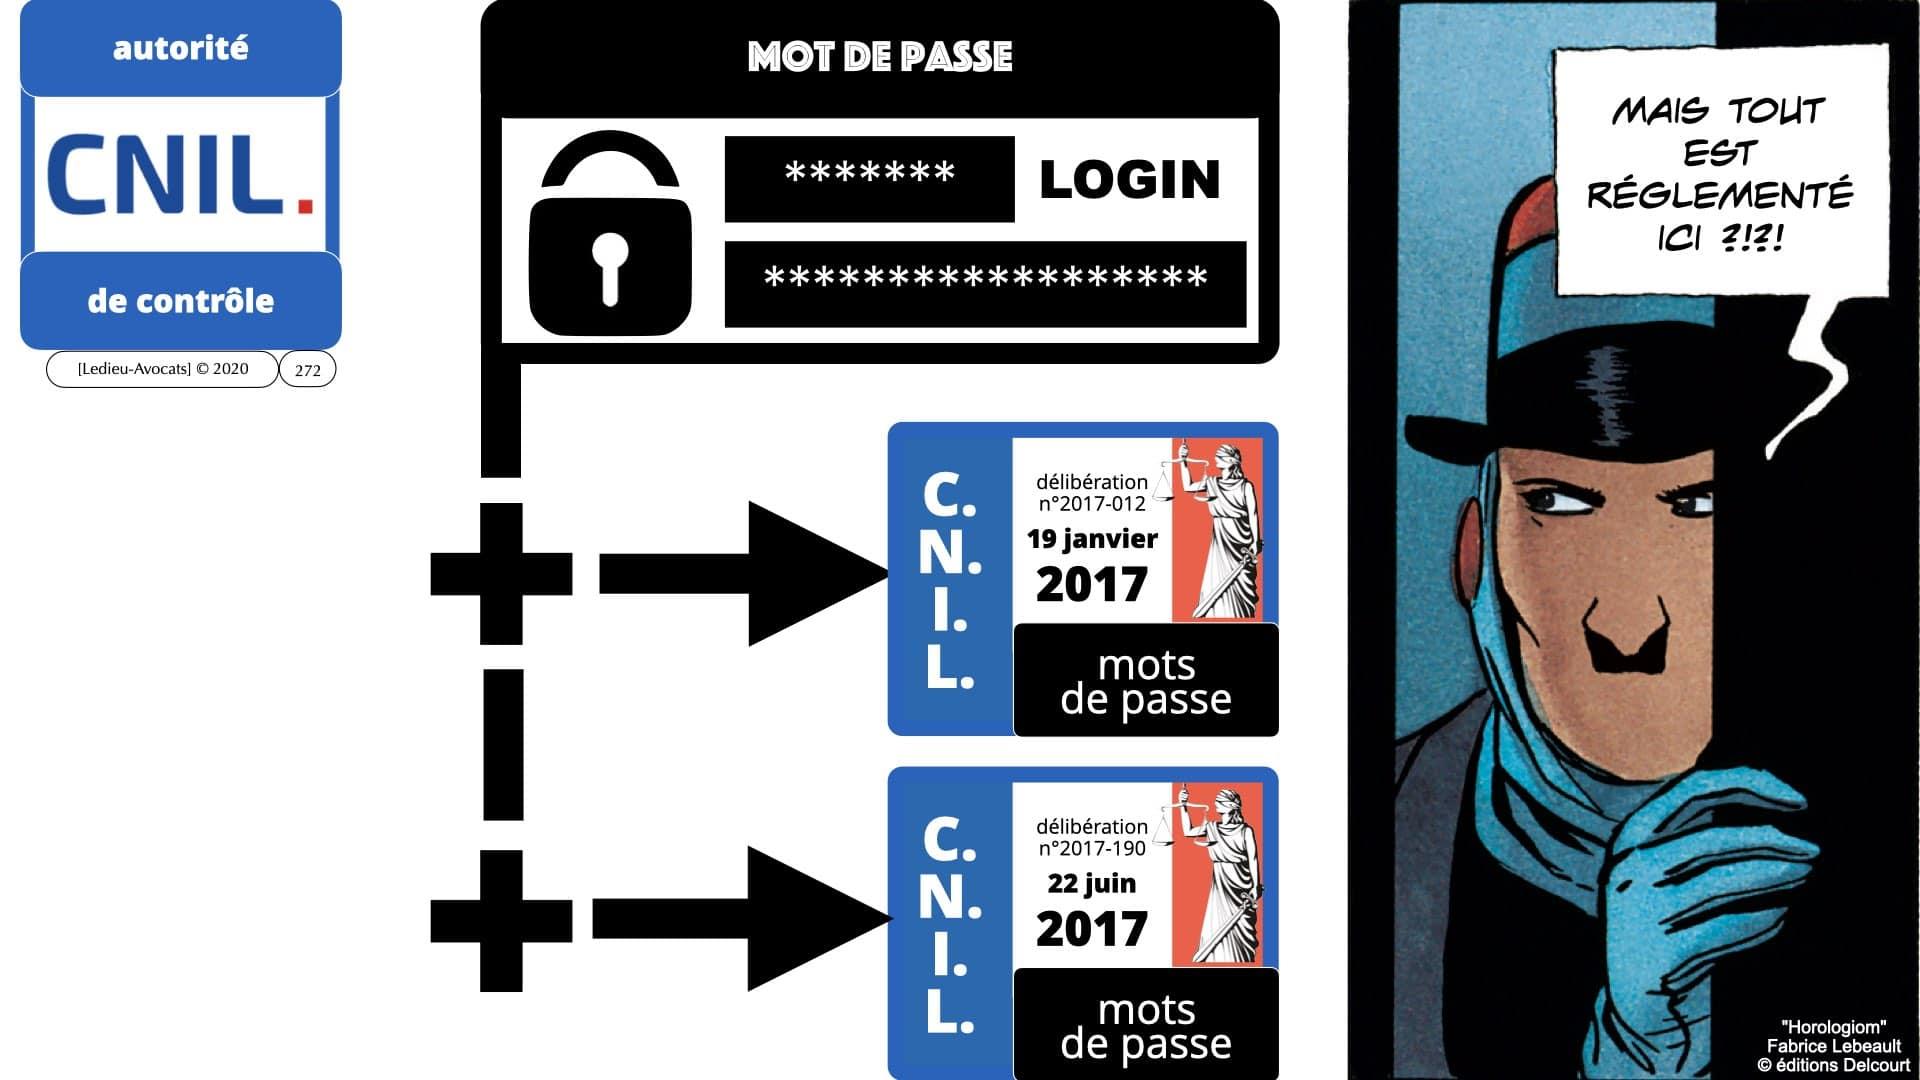 RGPD e-Privacy données personnelles jurisprudence formation Lamy Les Echos 10-02-2021 ©Ledieu-Avocats.272